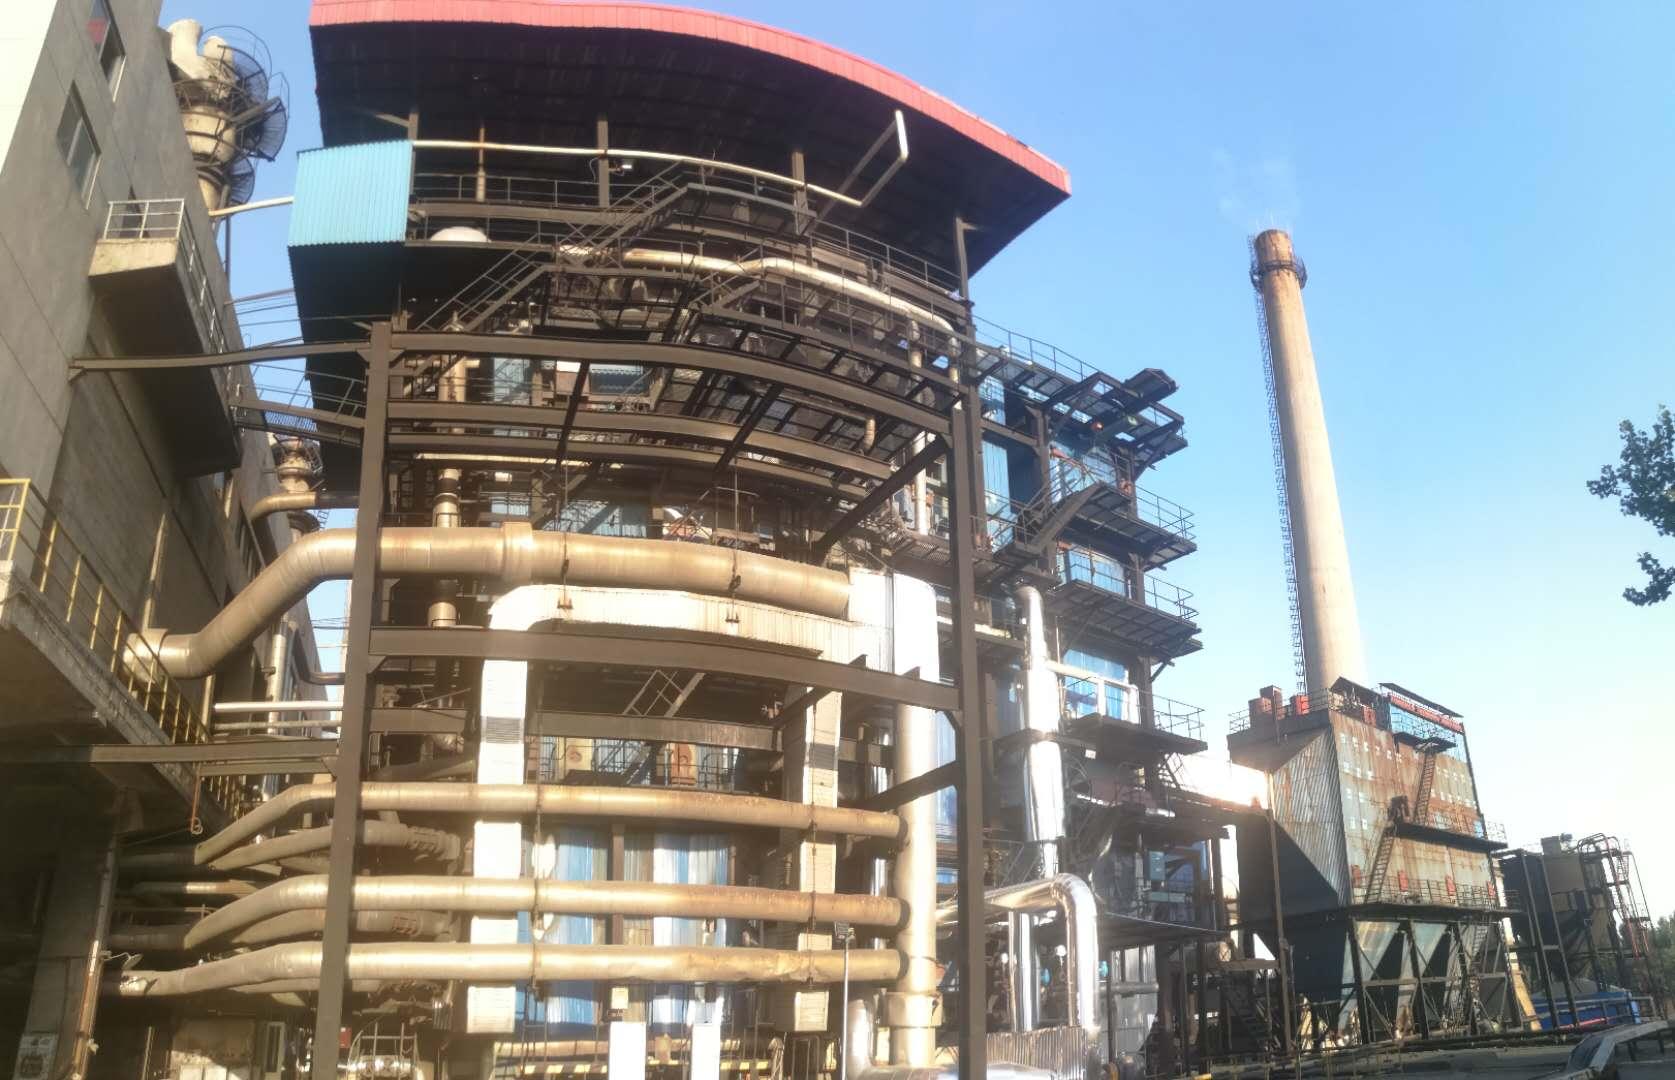 工业锅炉设备_新乡化纤厂锅炉改造现场-新乡高新工业设备安装有限公司